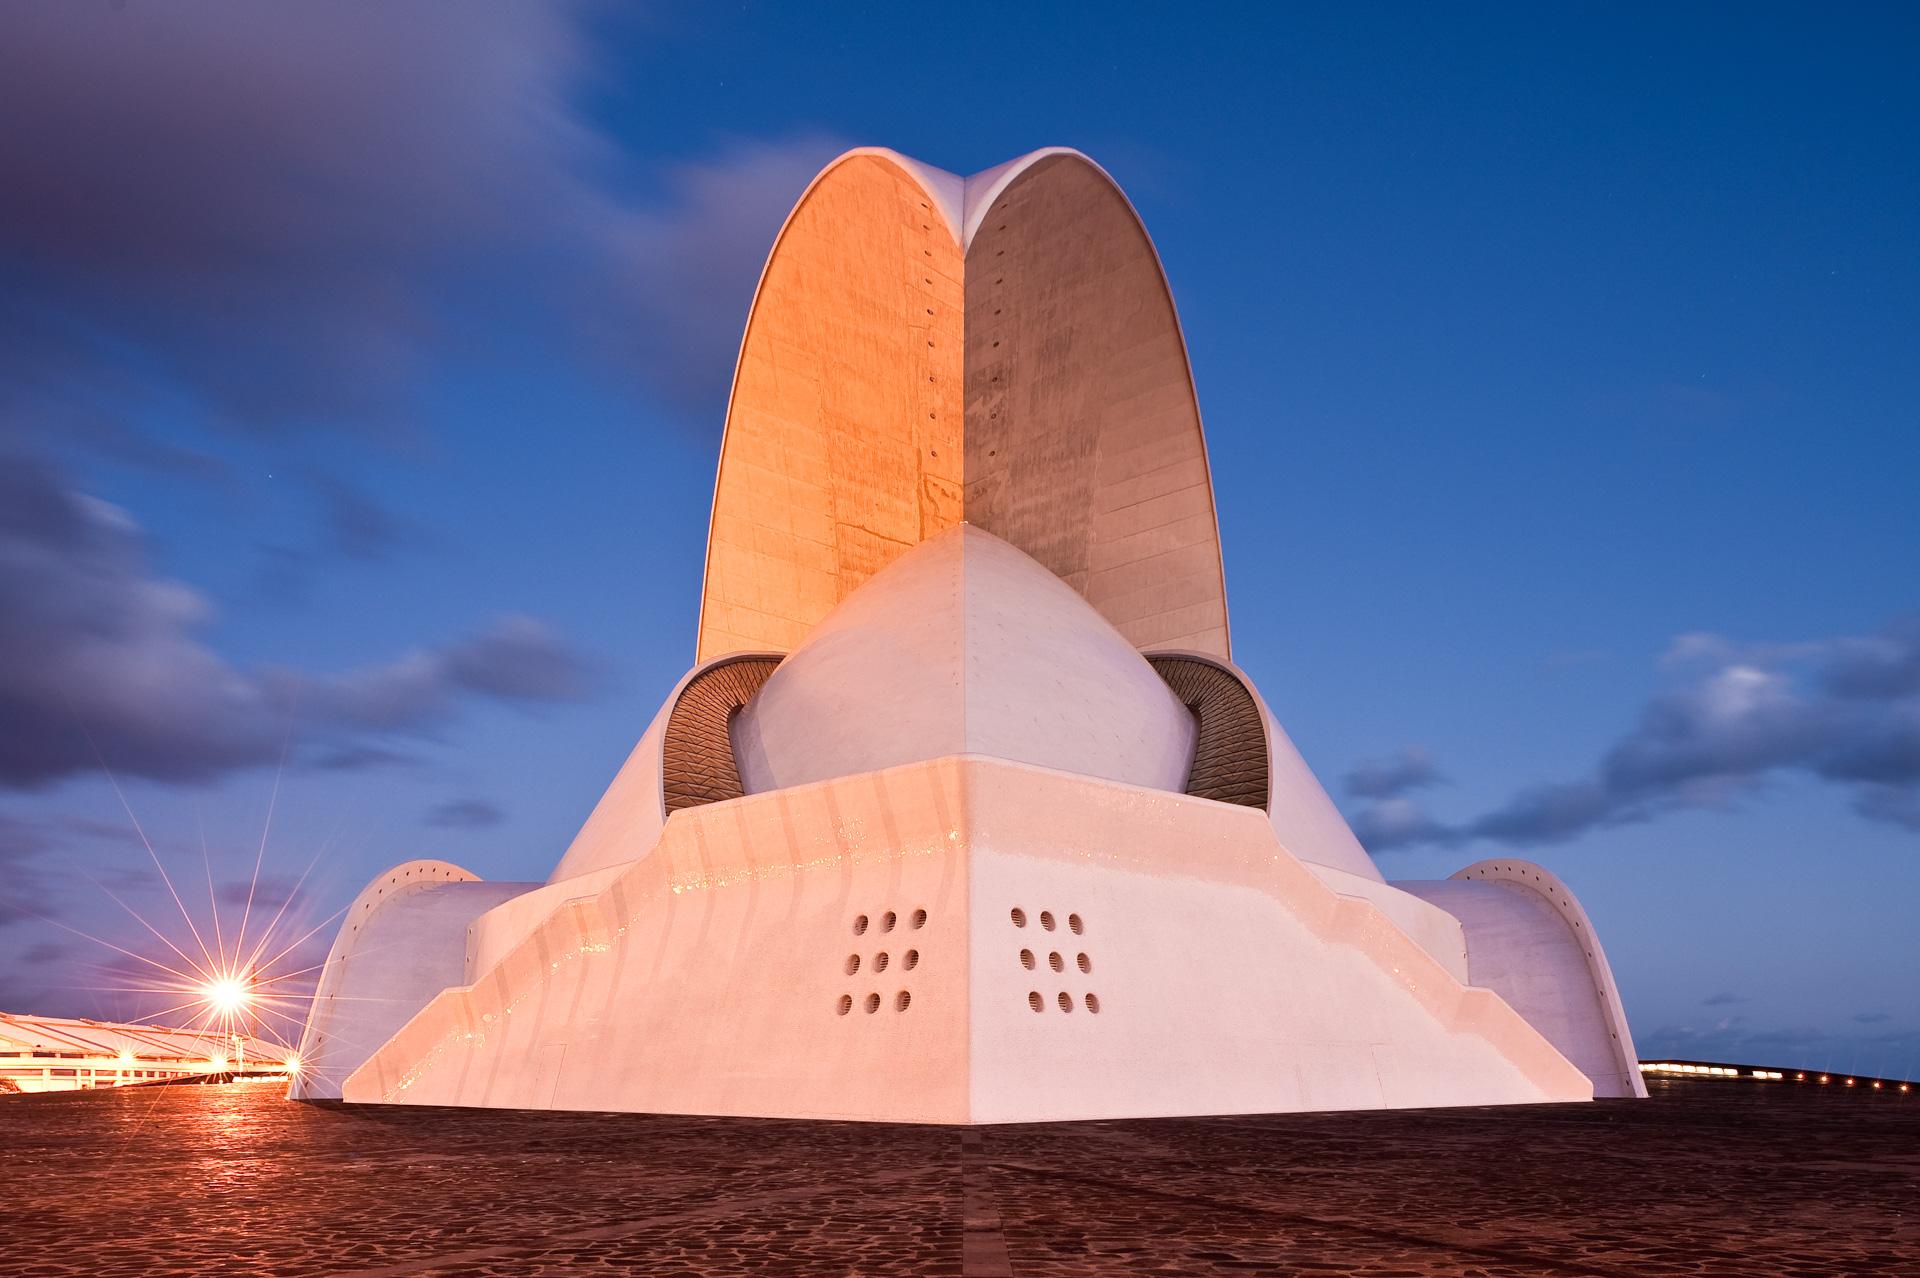 Spanien Kanarische Insel Architektur Teneriffa Hauptstadt Santa Cruz Auditorio Musikhalle Konzertgebäude Veranstaltungsgebäude Konzerthalle Spanien Kanarische Insel Architektur